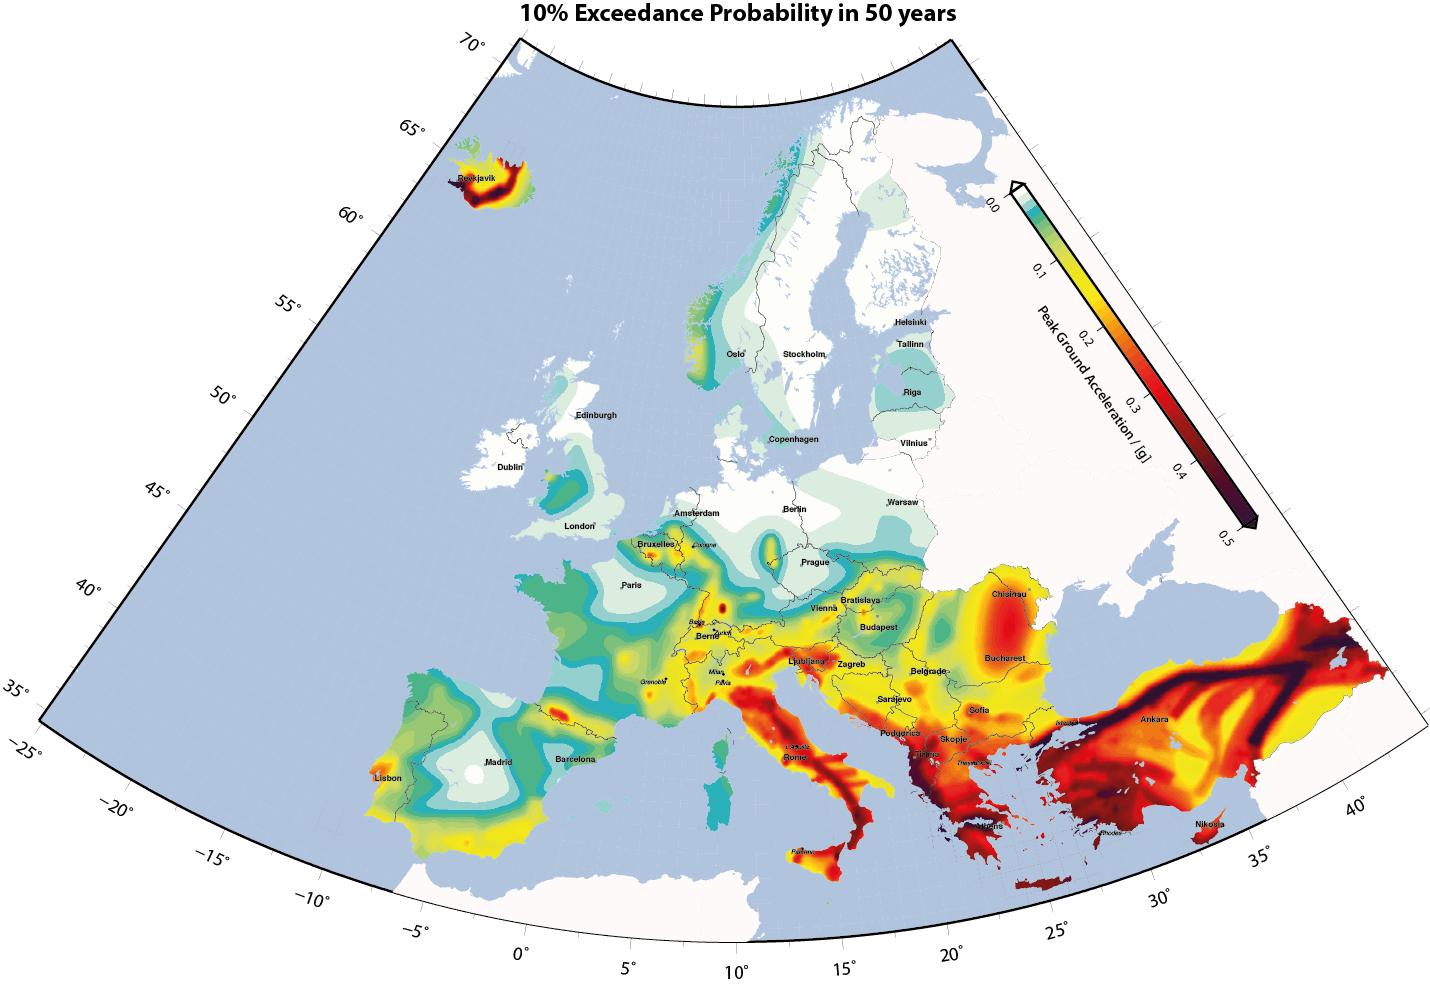 Terremoti in Europa: ecco la pericolosità sismica nei paesi del continente europeo